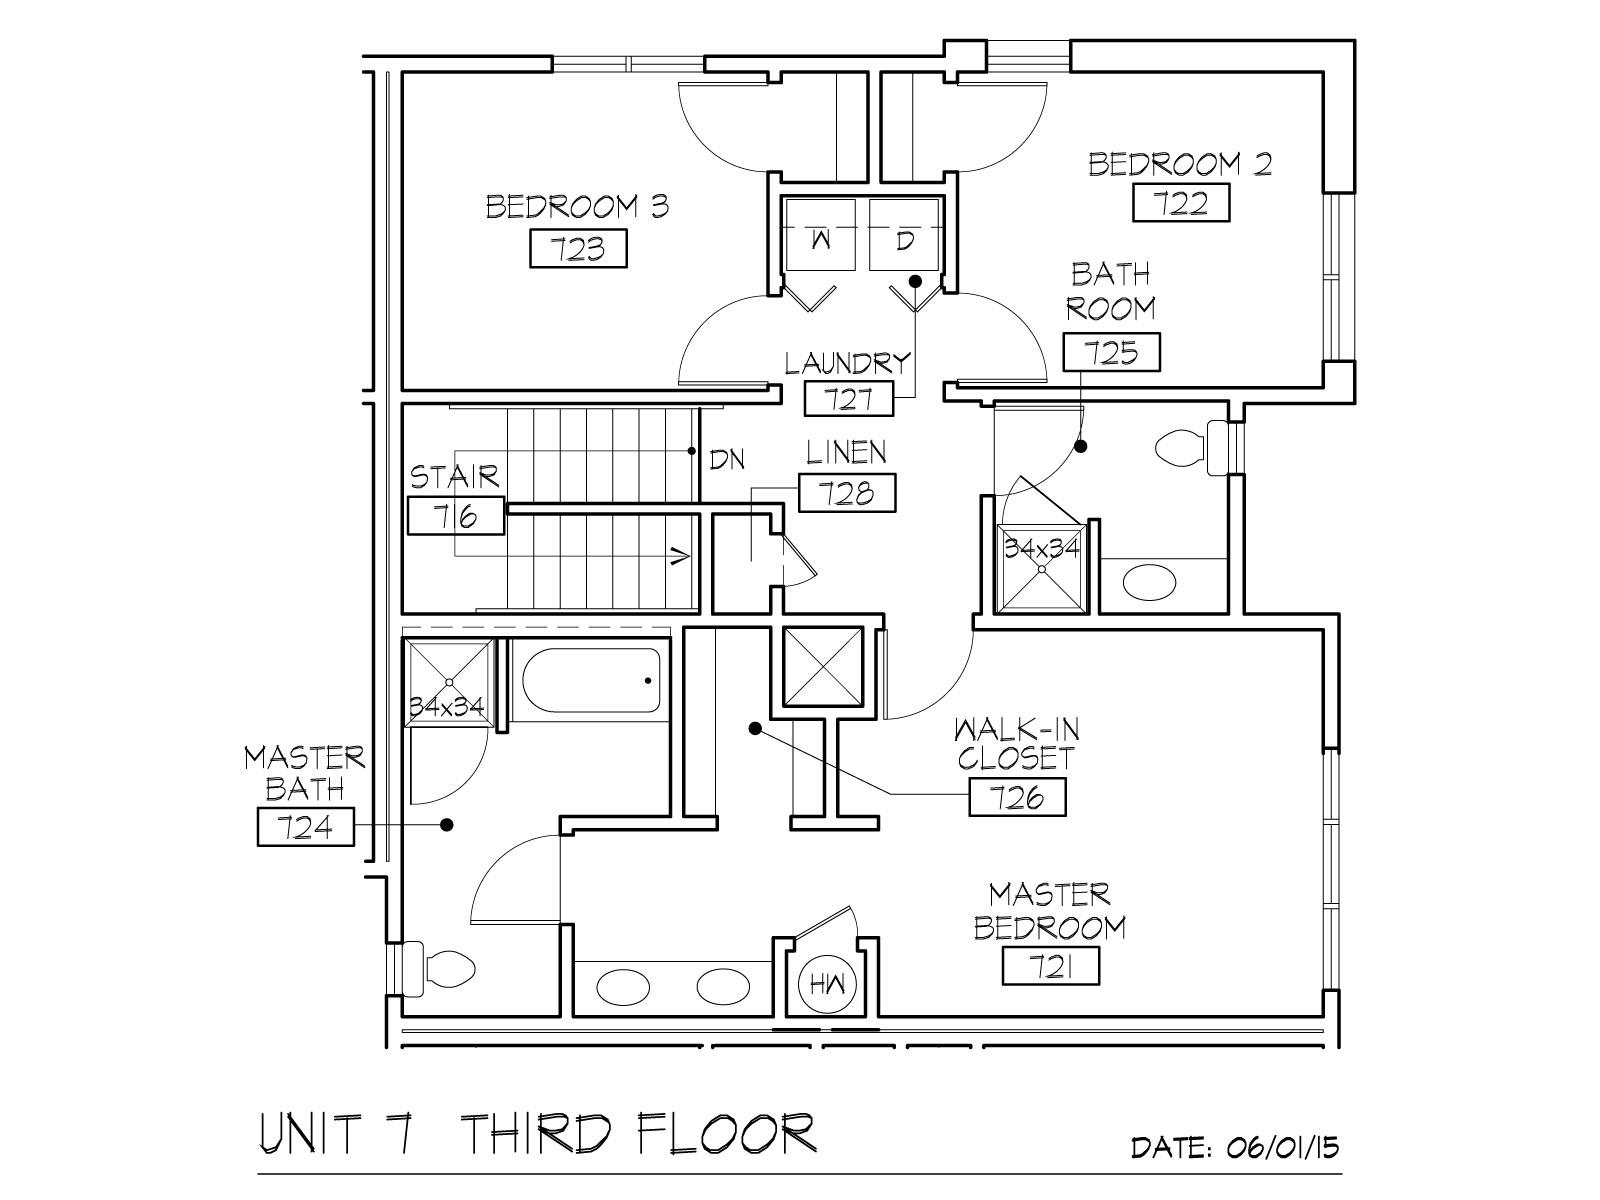 28 100 stairs floor plan 32 100 floor plan stairs for 100 floors 3rd floor